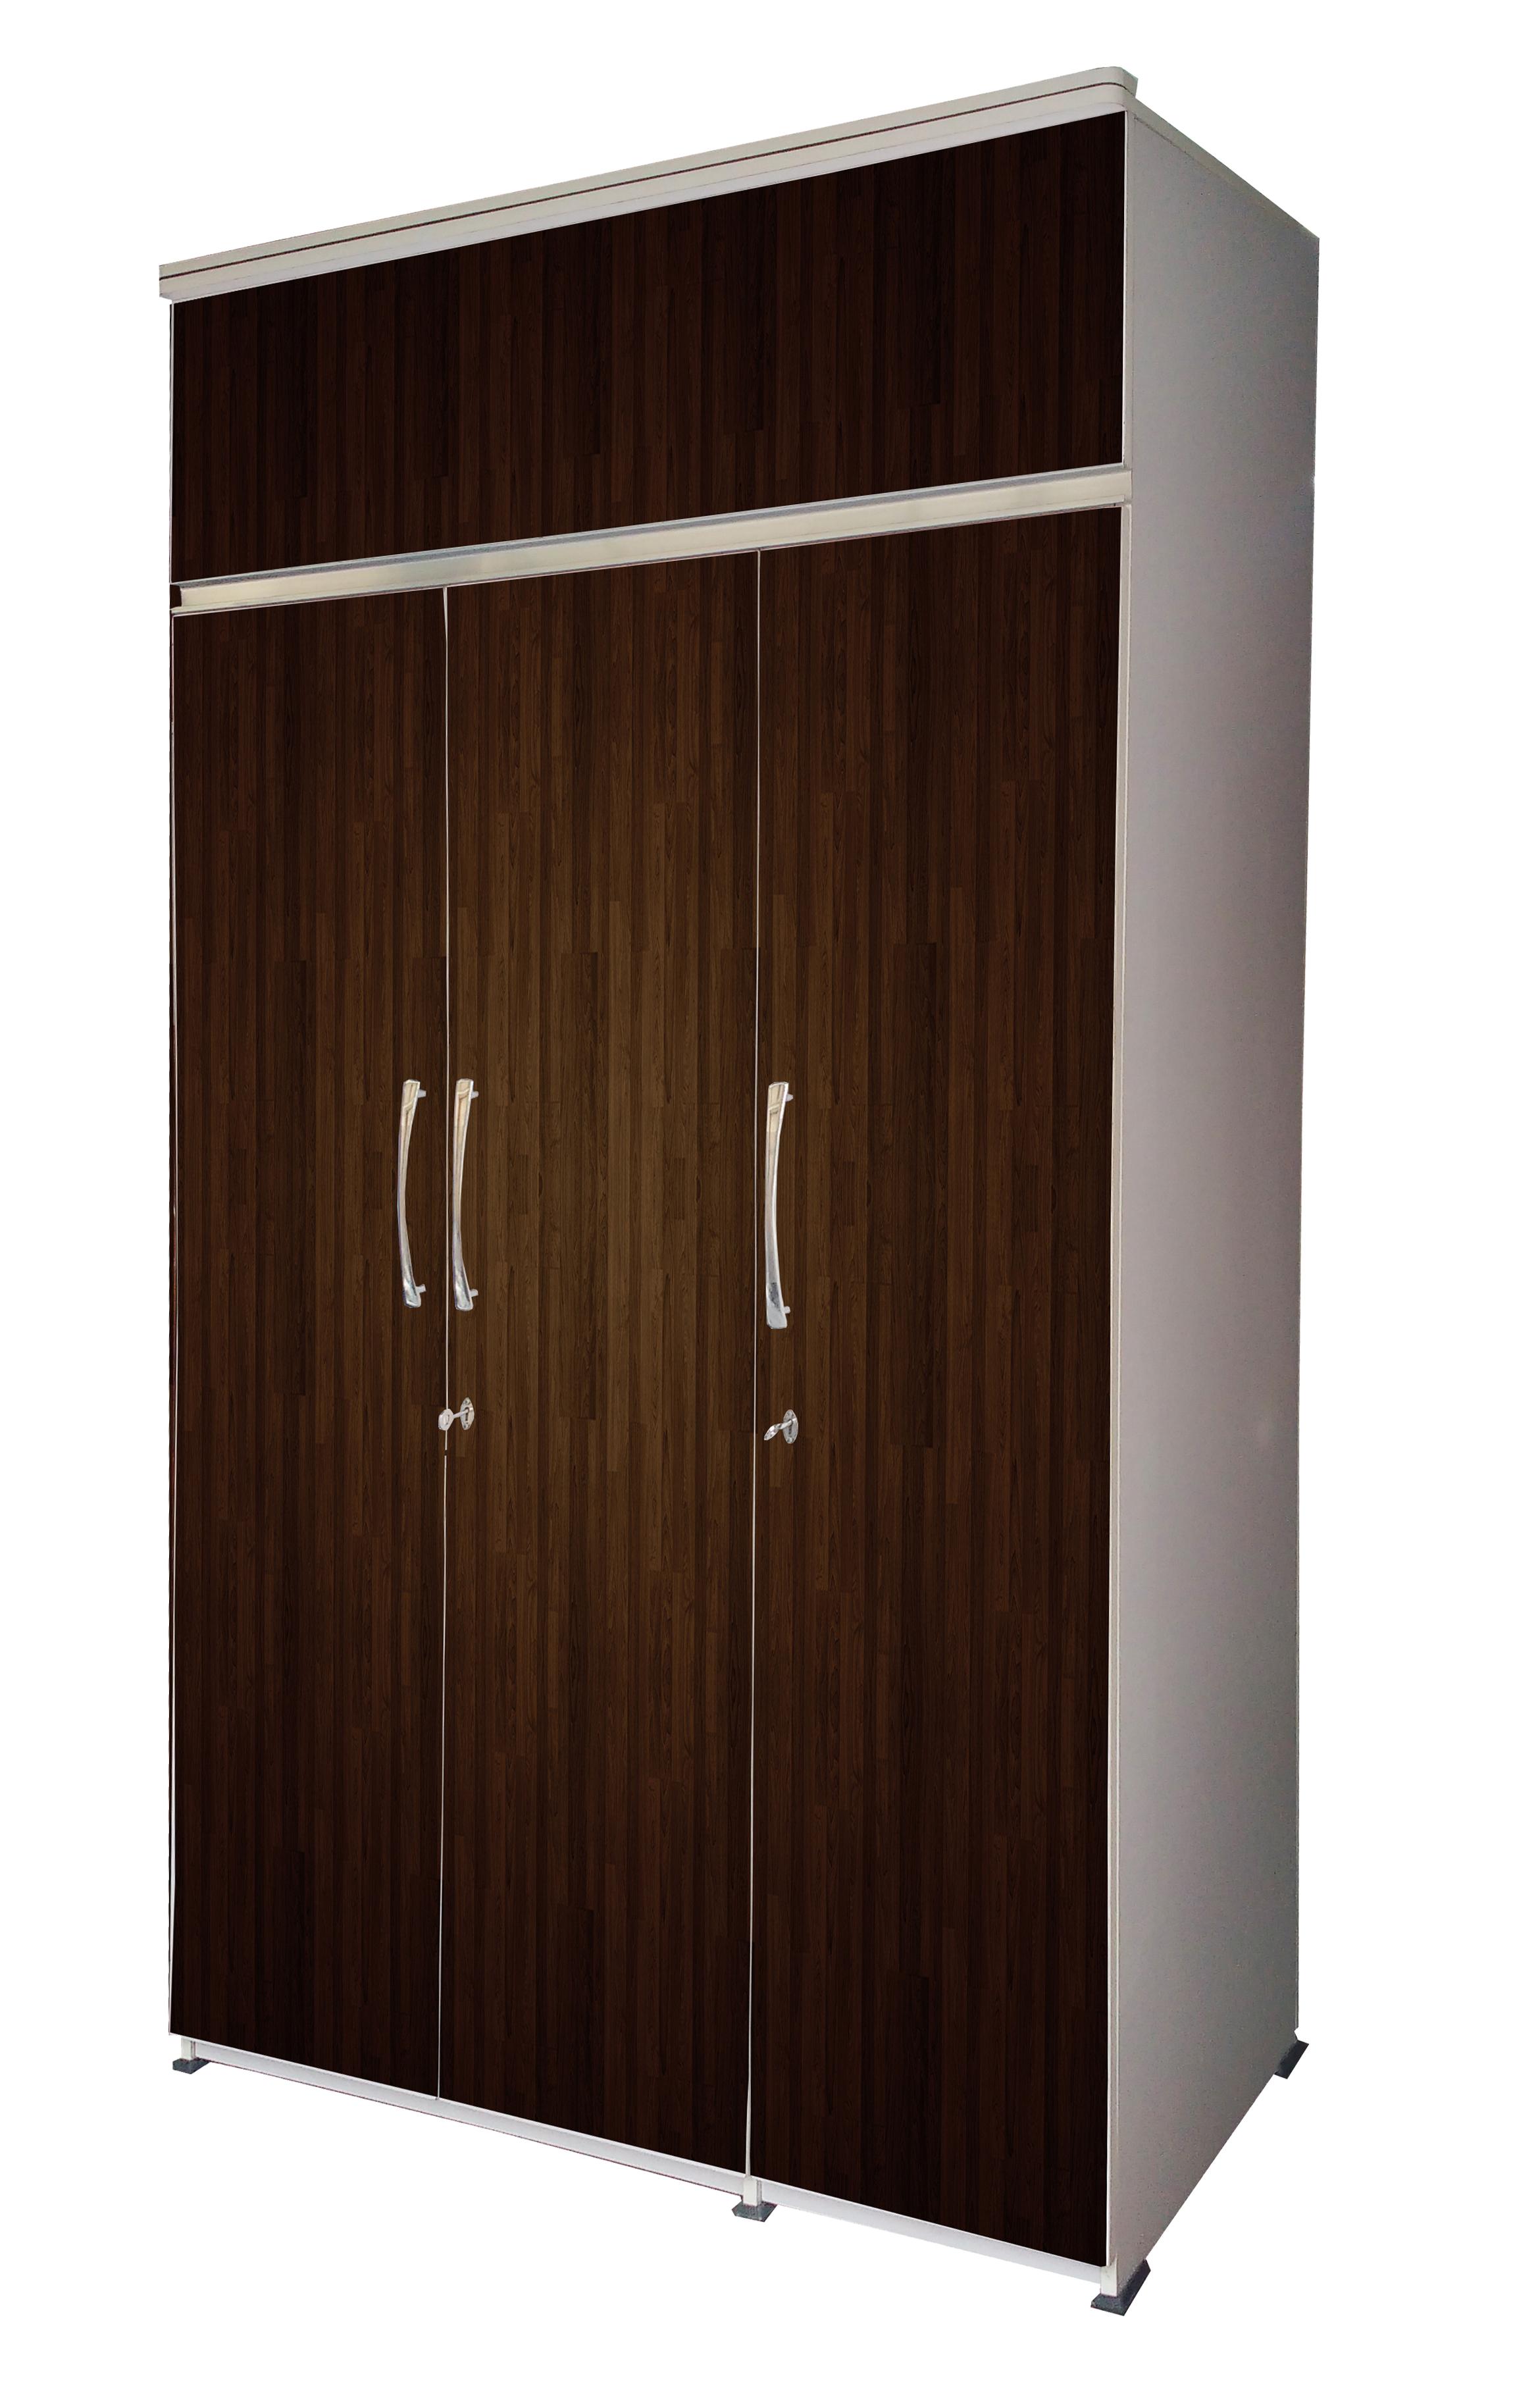 BS-3D-13-Wooden Texture-01-A